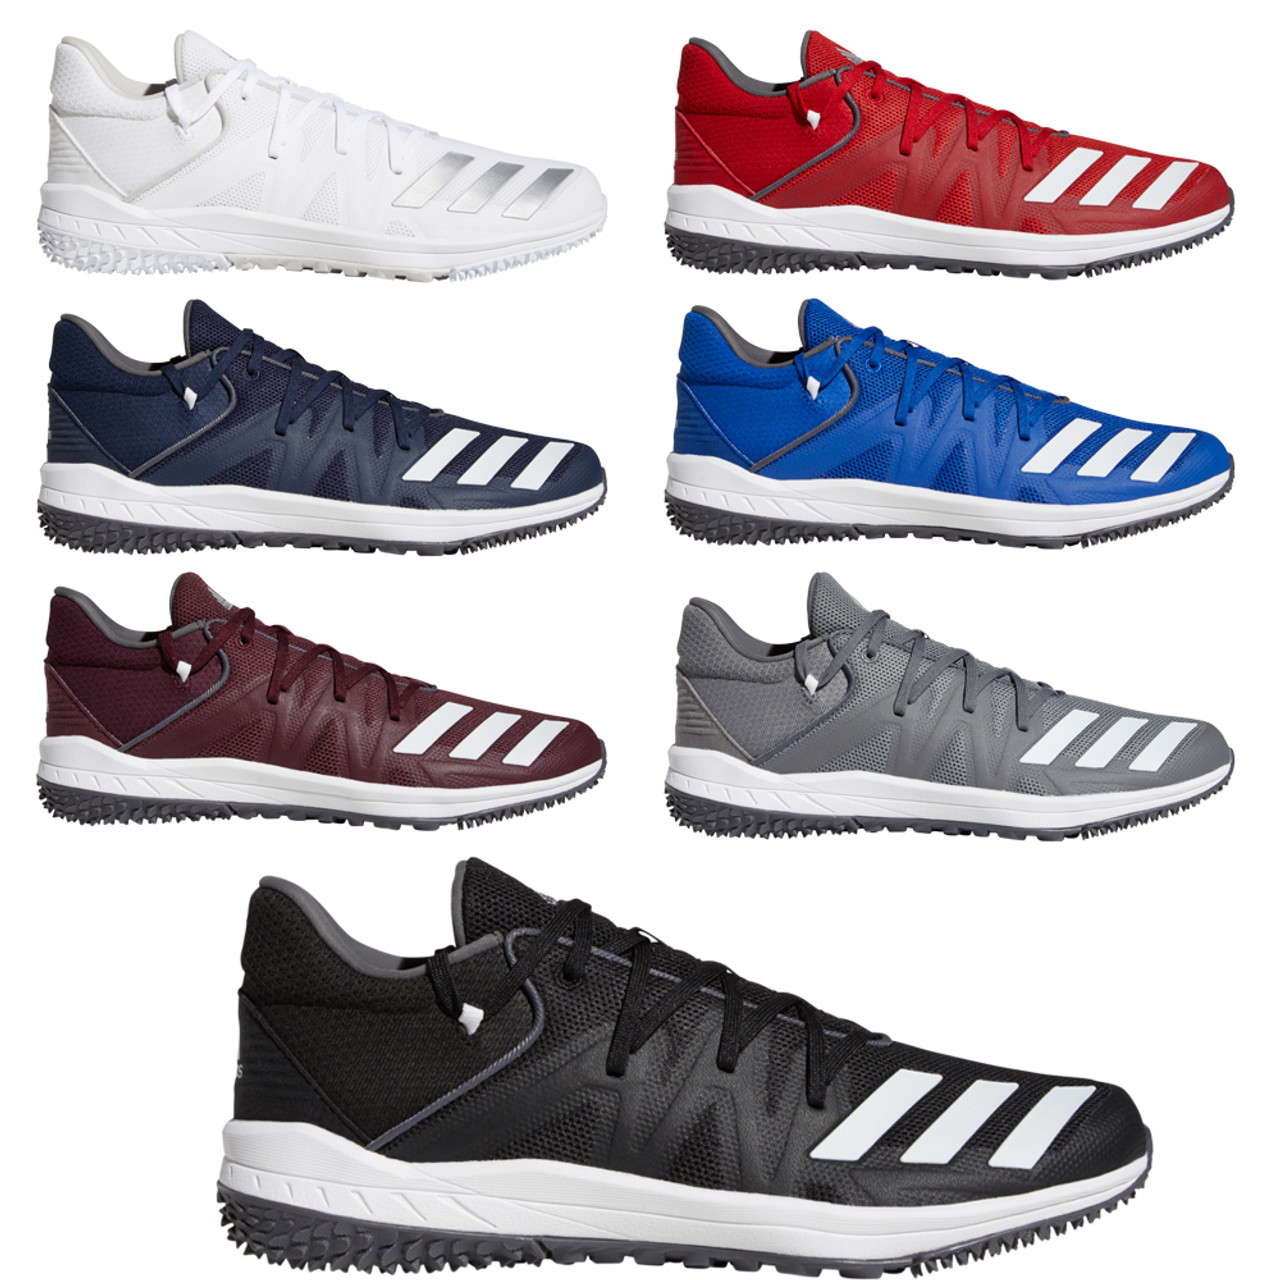 Adidas Baseball Speed Turf Shoes - Men